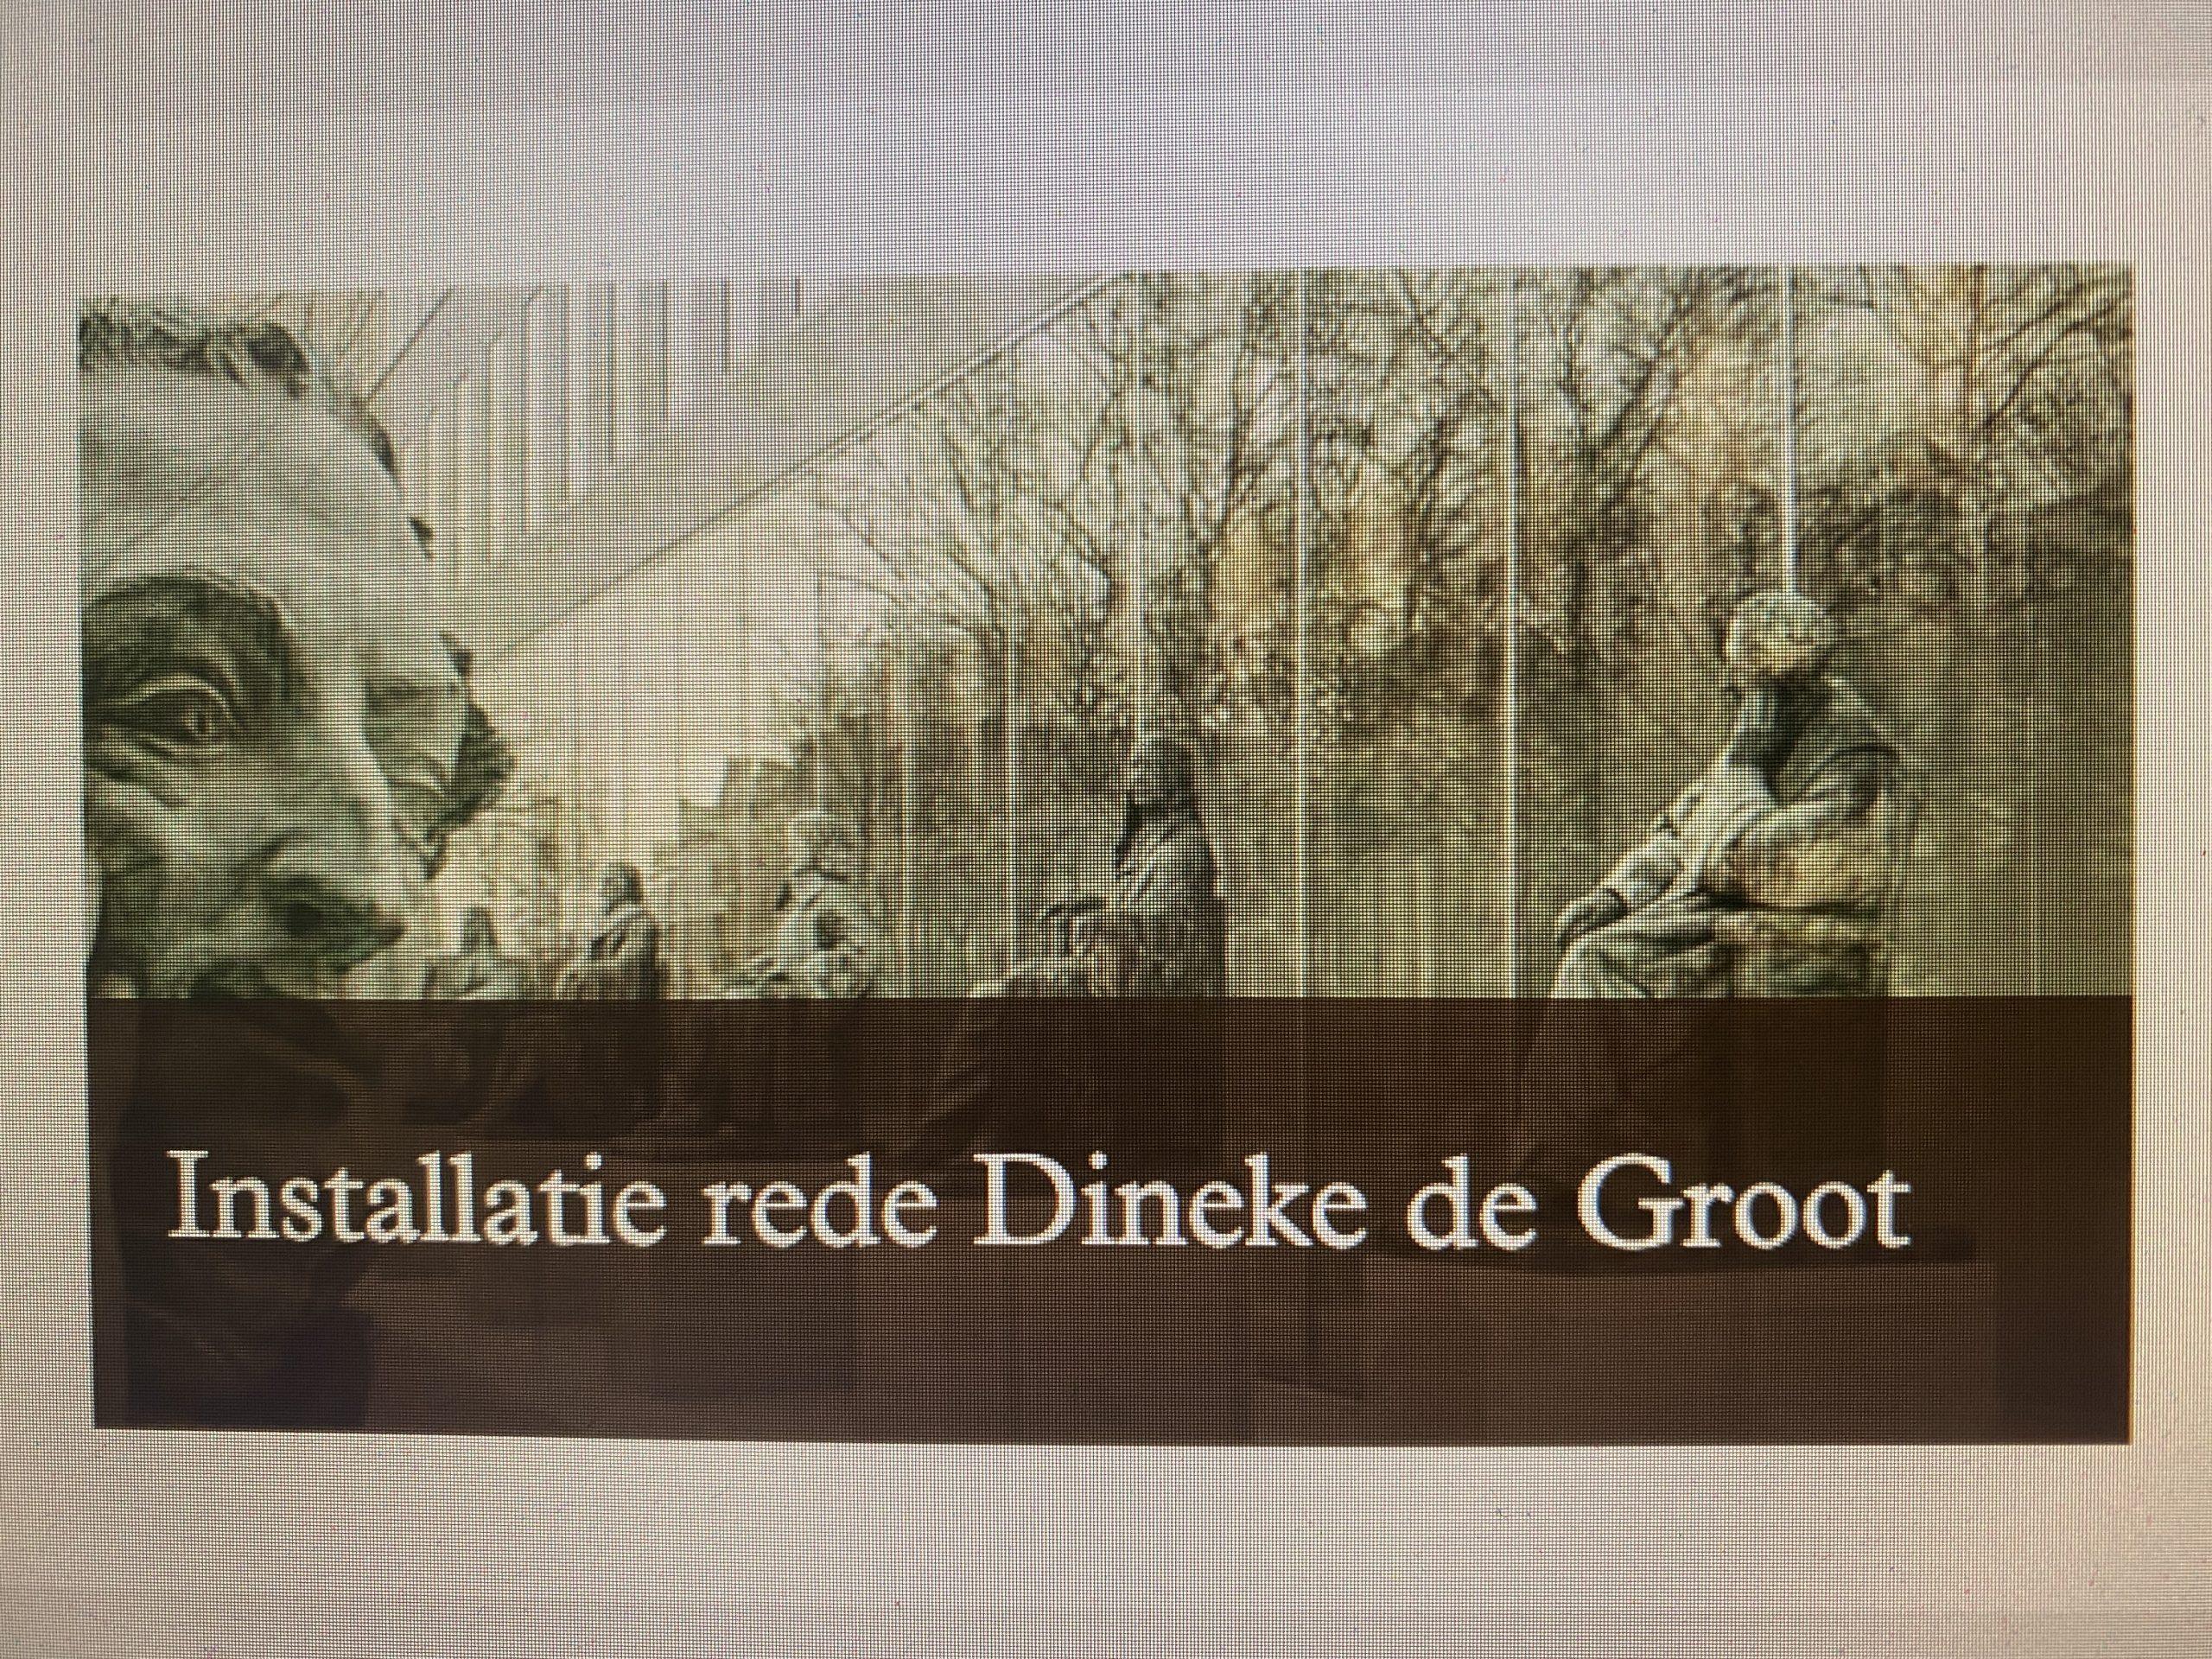 Installatie rede Dineke de Groot - - van Swaaij Cassastie & Consultancy - cassatieadvocaat - cassatie advocaat